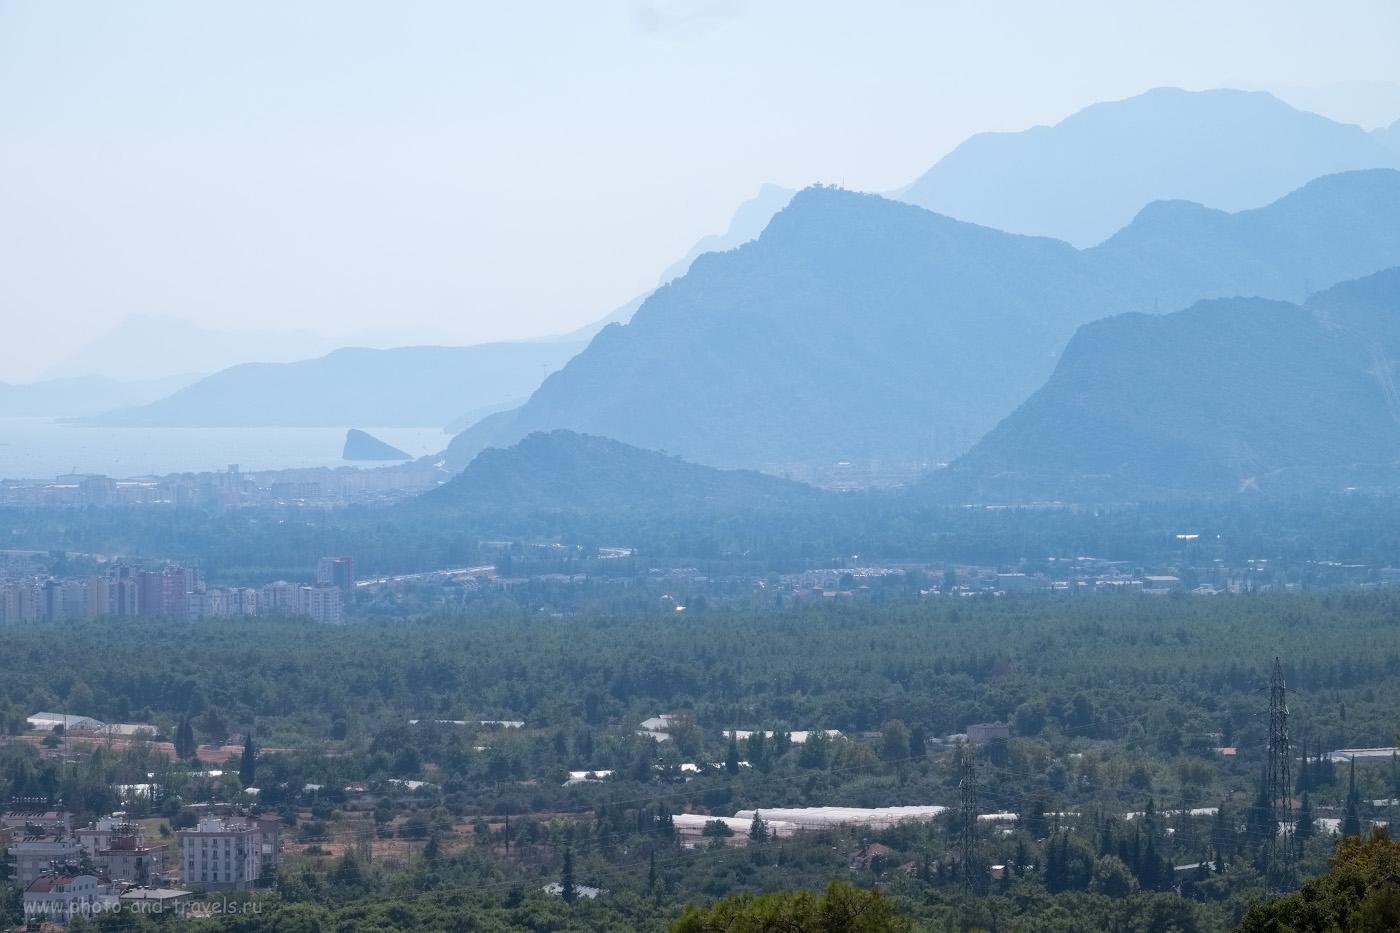 25. Вид со смотровой площадки на горы к югу от Анталии. 1/550, 9.0, 200, +0.33, 110.